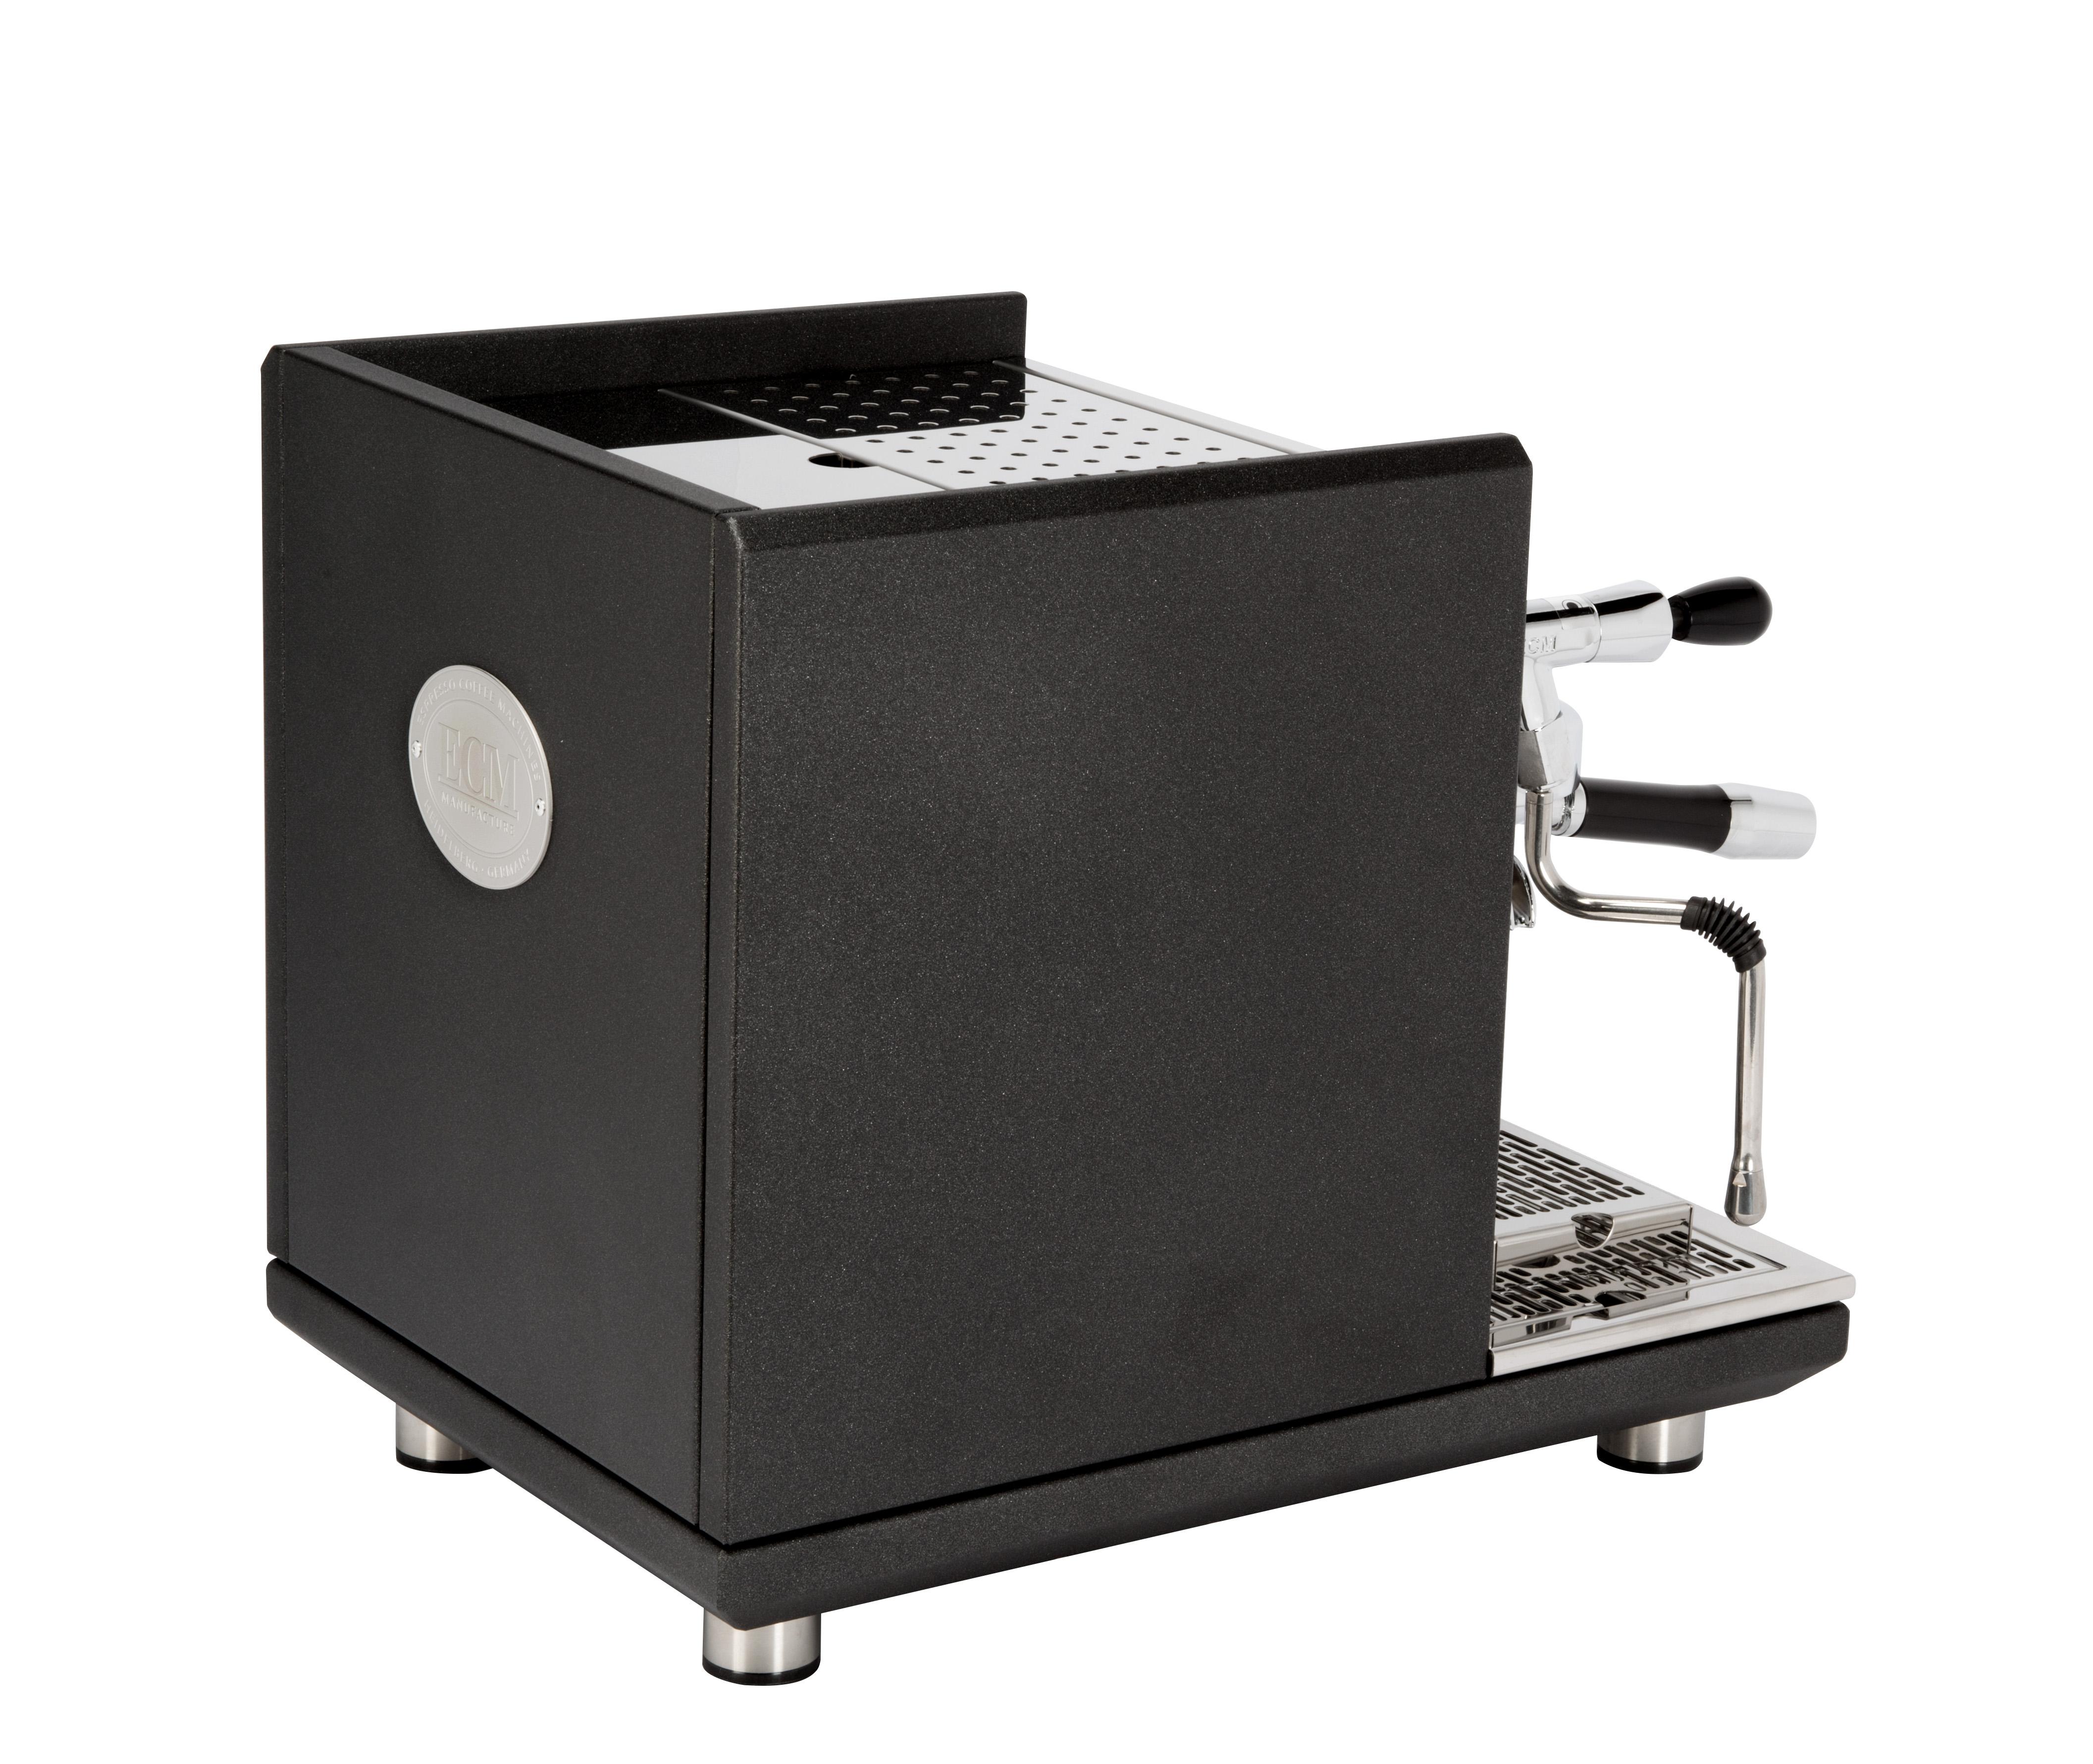 ECM Synchronika Anthrazit Dual Boiler-System mit Rotationspumpe Siebträgermaschine